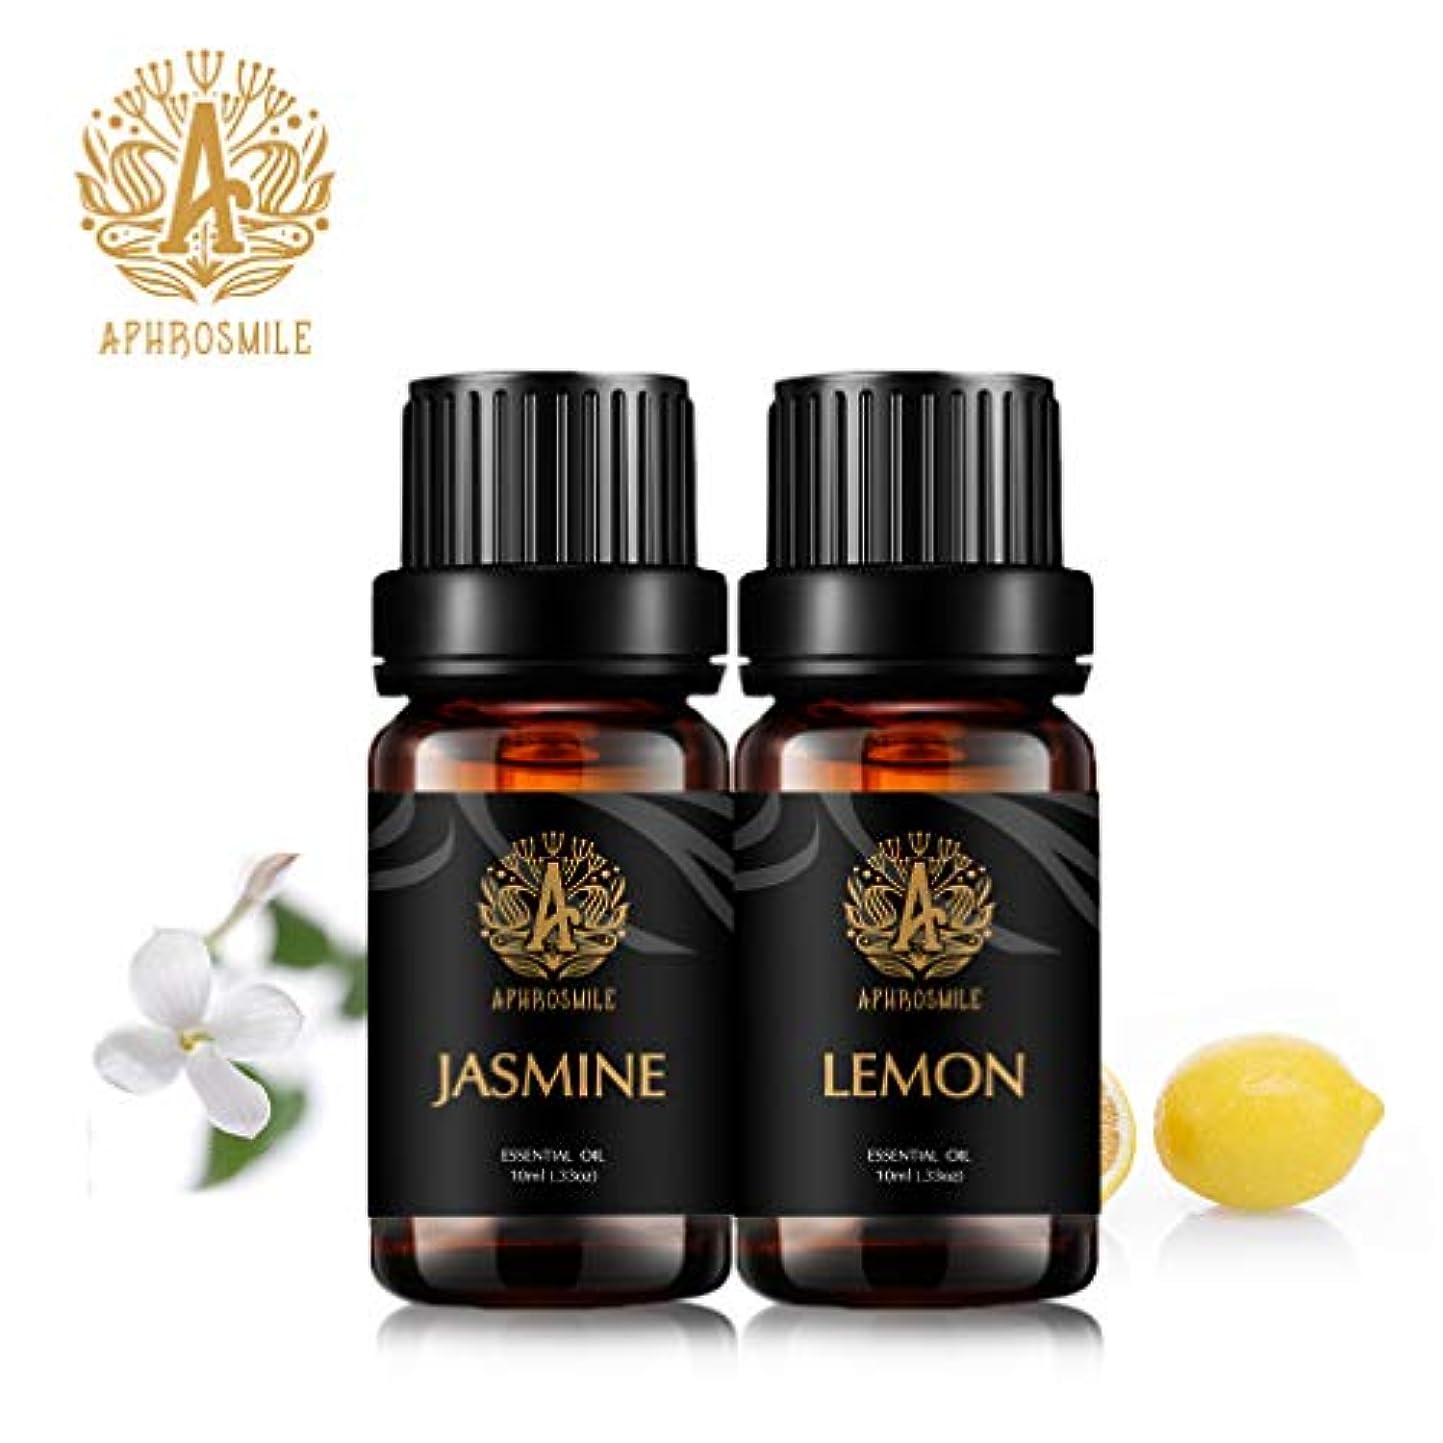 学校の先生背の高い配送APHORSMILE JP 100% 純粋と天然の精油、レモン/ジャスミン、2 /10mlボトル - 【エッセンシャルオイル】、アロマテラピー/デイリーケア可能